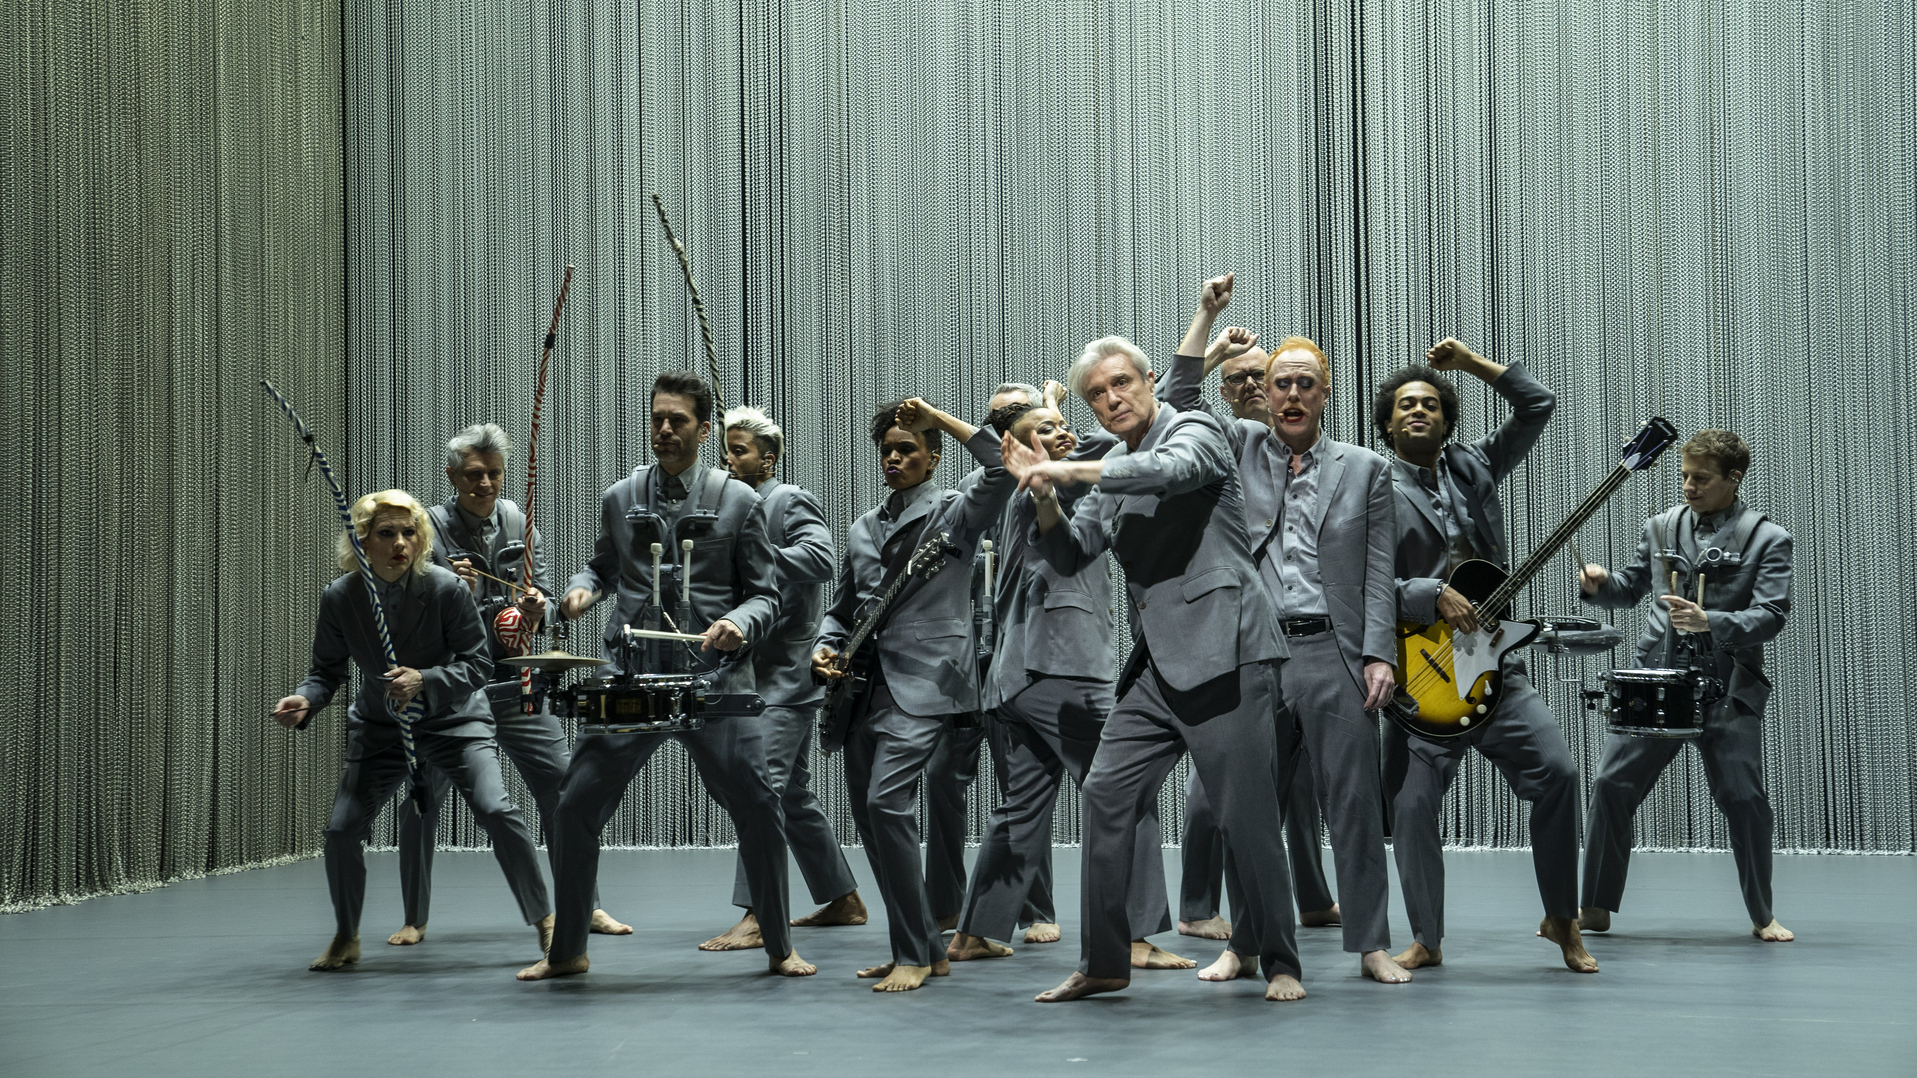 Cena do especial David Byrne's American Utopia. A imagem mostra o elenco aglomerado no palco, doze pessoas vestindo ternos cinzentos e descalços, grande parte deles tocando diferentes instrumentos. Há três berimbaus à esquerda, além de guitarra, baixo, e instrumentos percussivos. Ao centro e à frente, David Byrne, um homem branco de meia-idade, faz um gesto de dança com os braços. Atrás deles, algumas das pessoas levantam os braços com os punhos fechados. O palco é cercado por uma alta cortina formada por correntes prateadas finas.